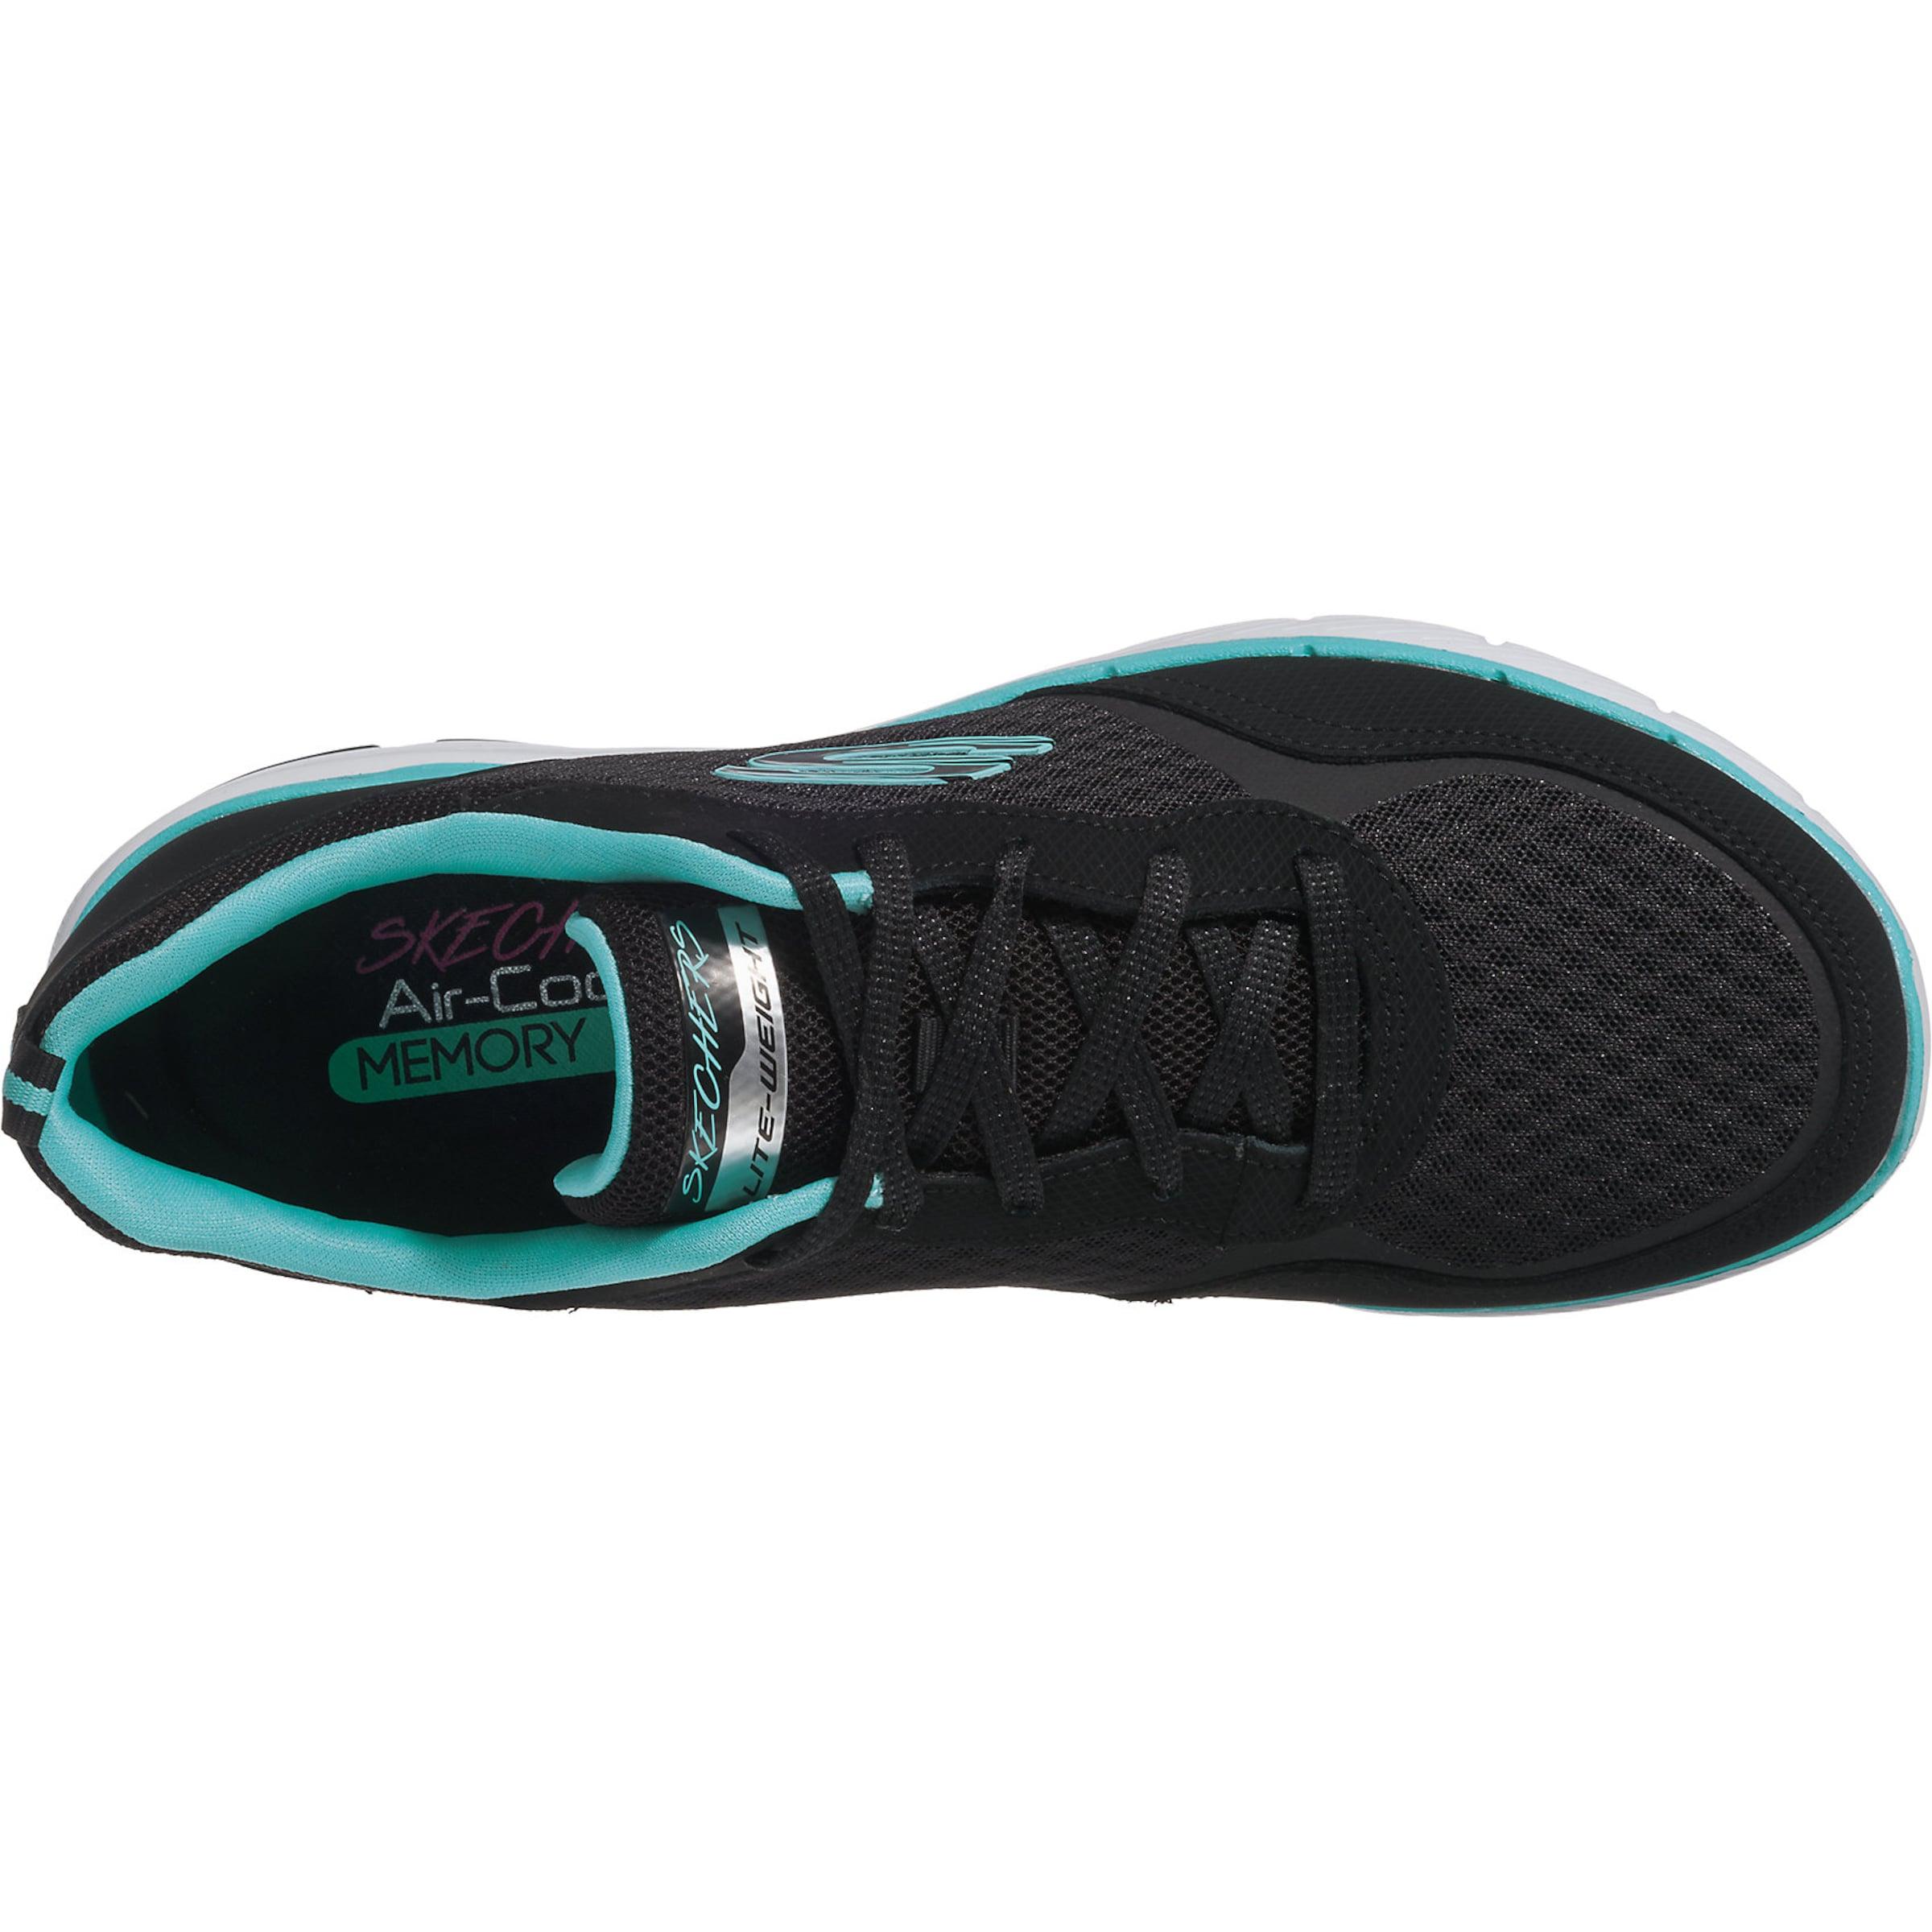 TürkisSchwarz 0' Skechers In Sneakers 'flex Appeal 3 b76gIyvYf